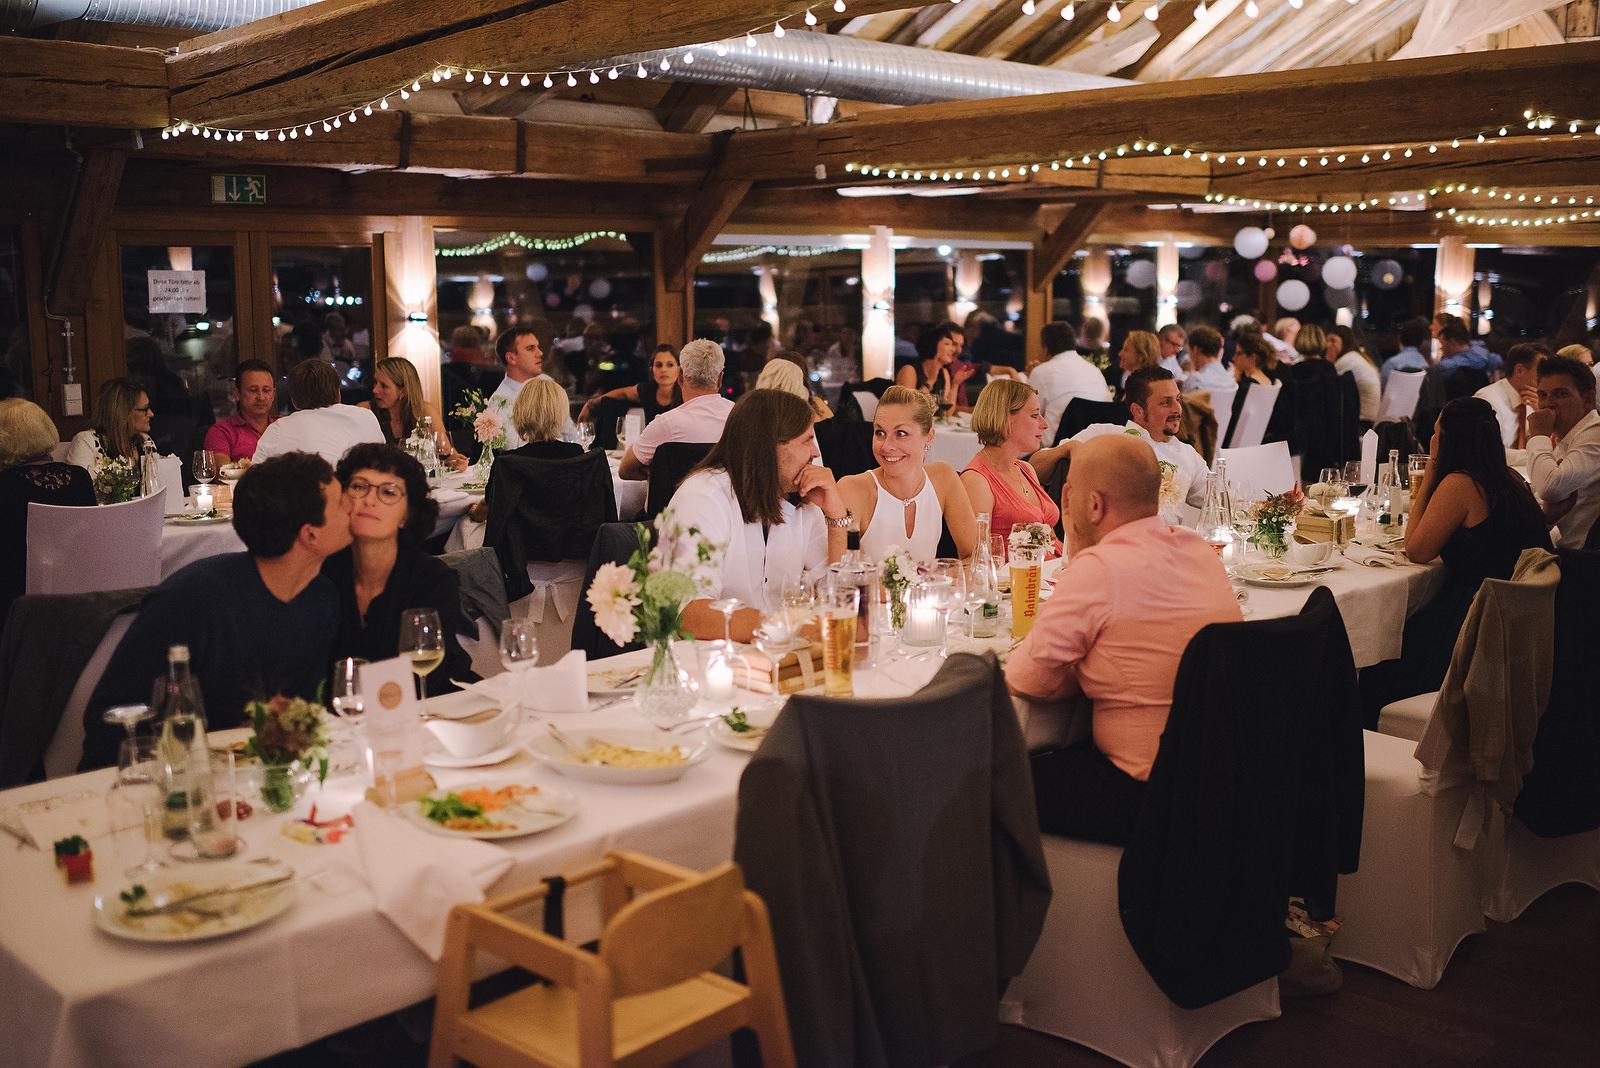 Fotograf Konstanz - Hochzeitsfotograf Reutlingen Achalm Hochzeit EFP 92 - Documentary wedding story on the Achalm, Reutlingen  - 75 -